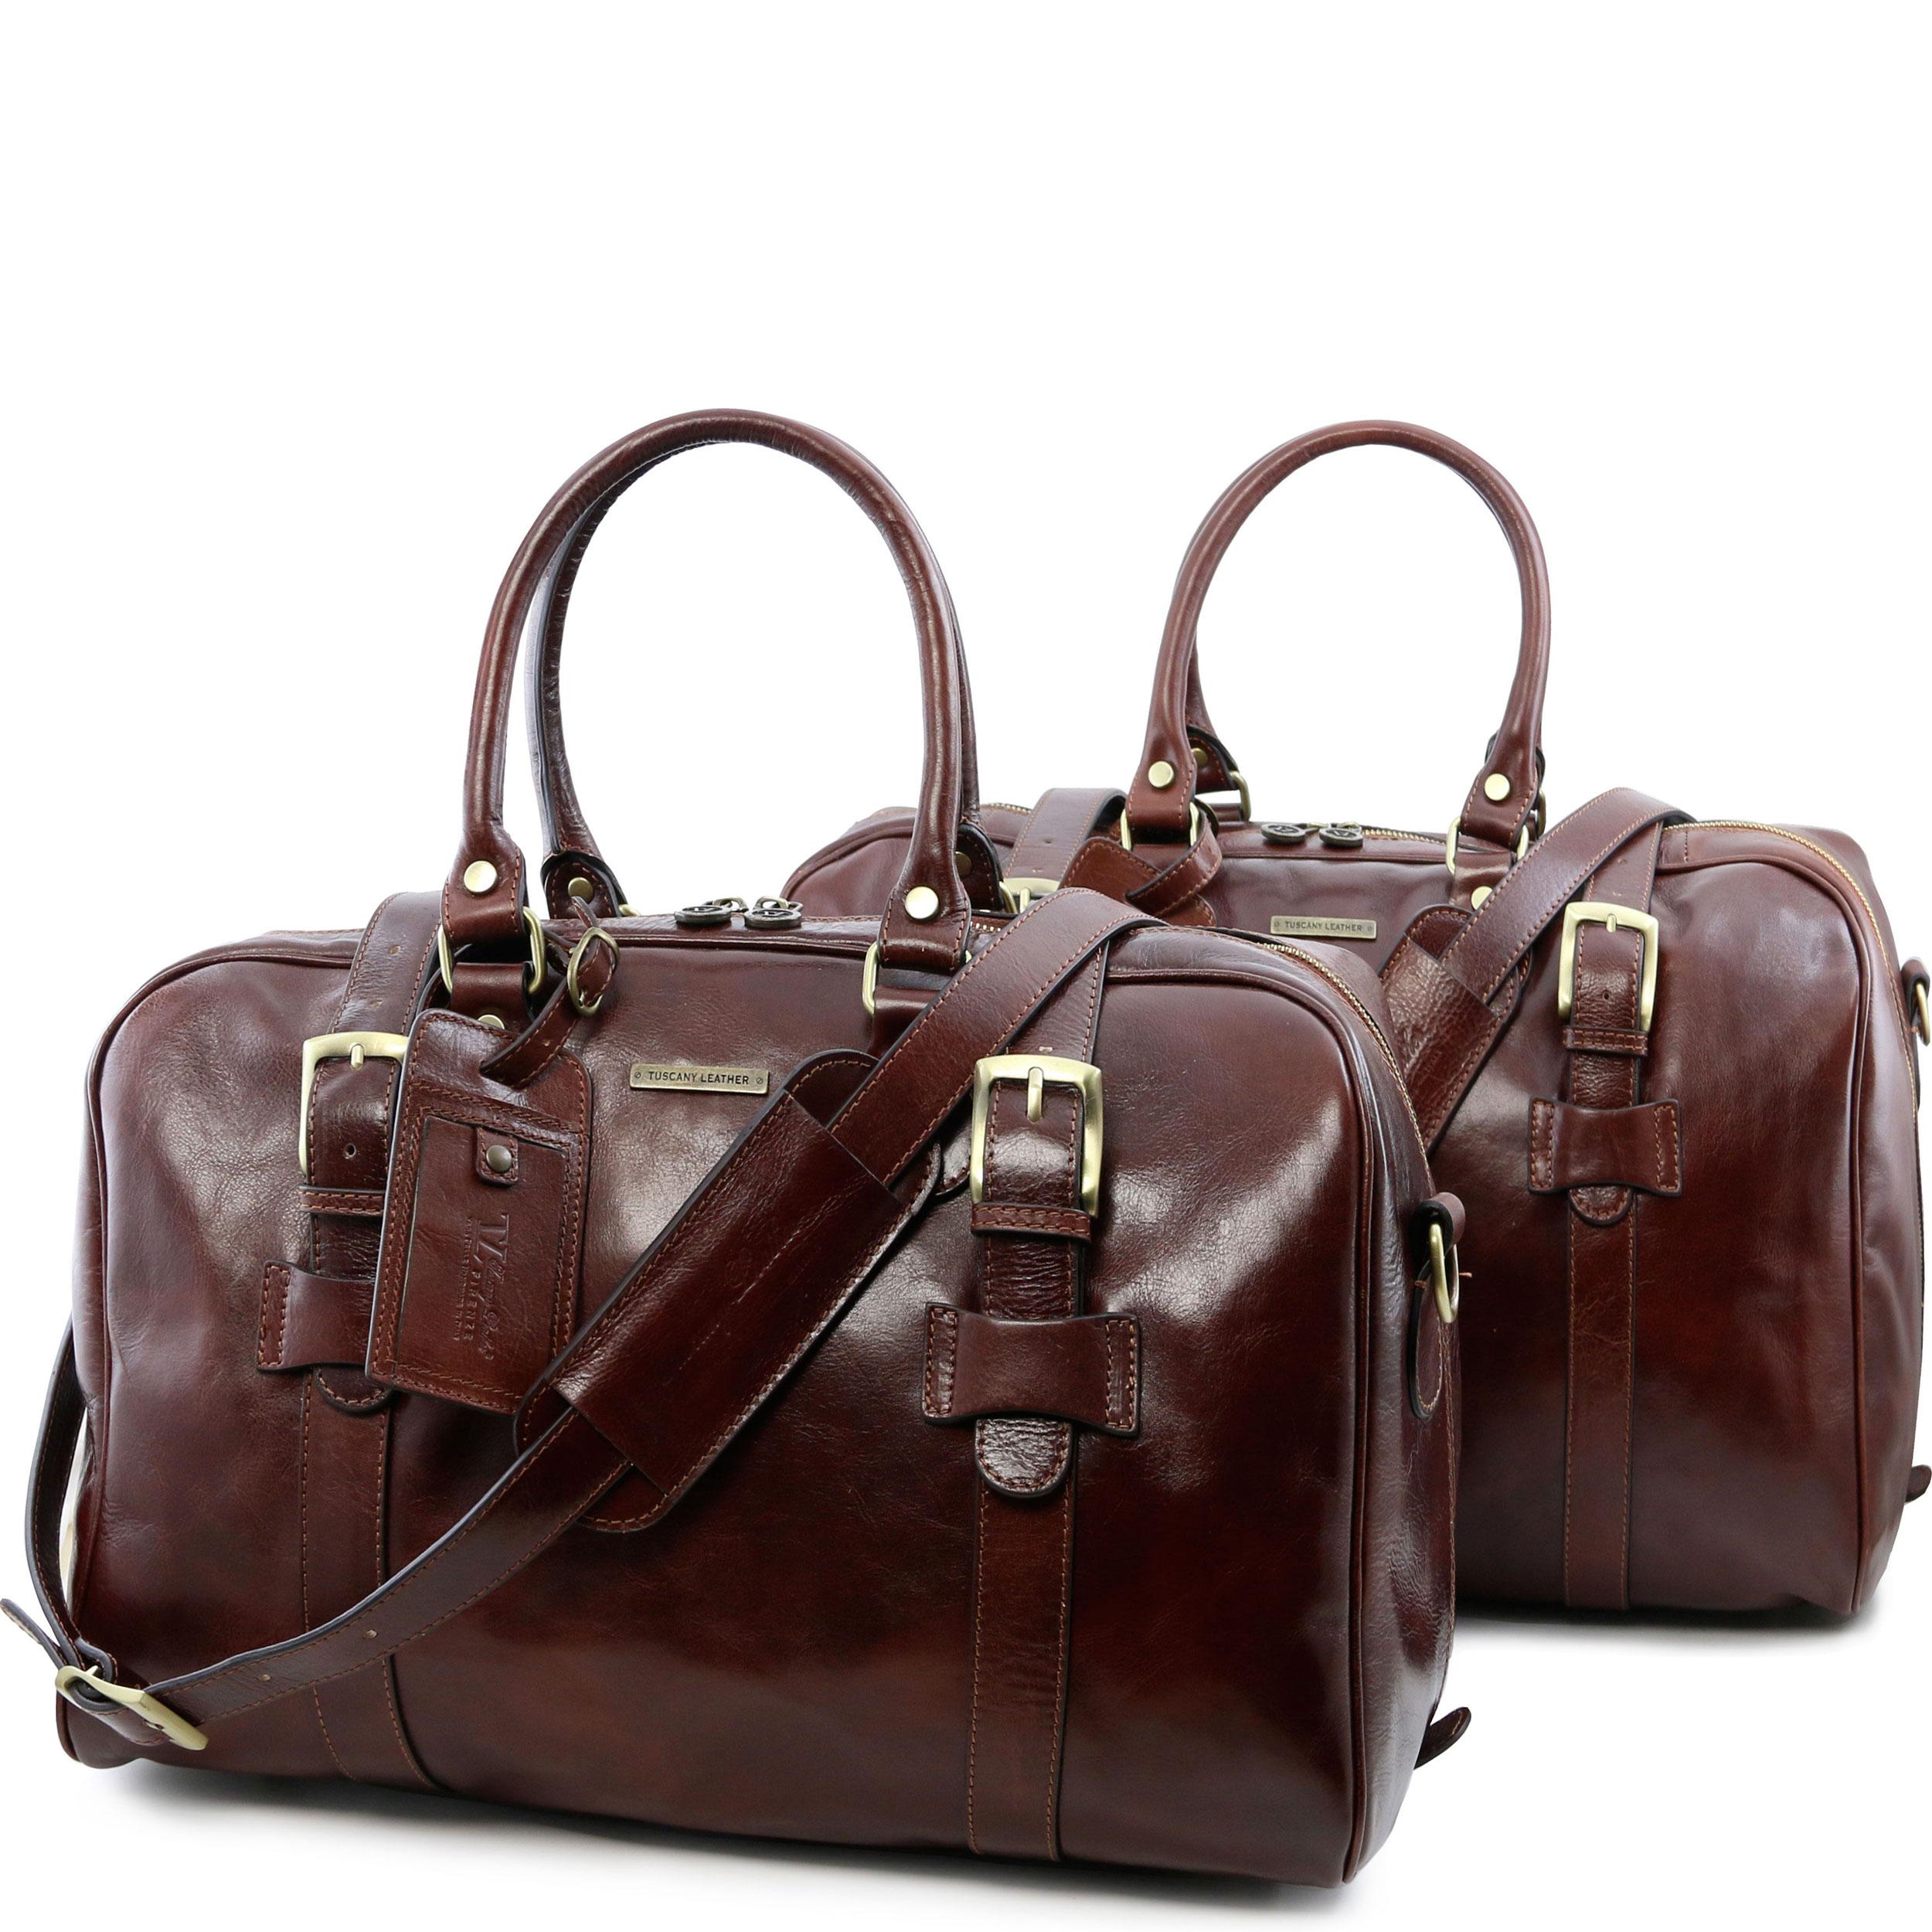 Tuscany Leather - TL Voyager - Sac de voyage en cuir avec boucles - Petit modèle Marron - TL141249/1 5ADHHdVA7r